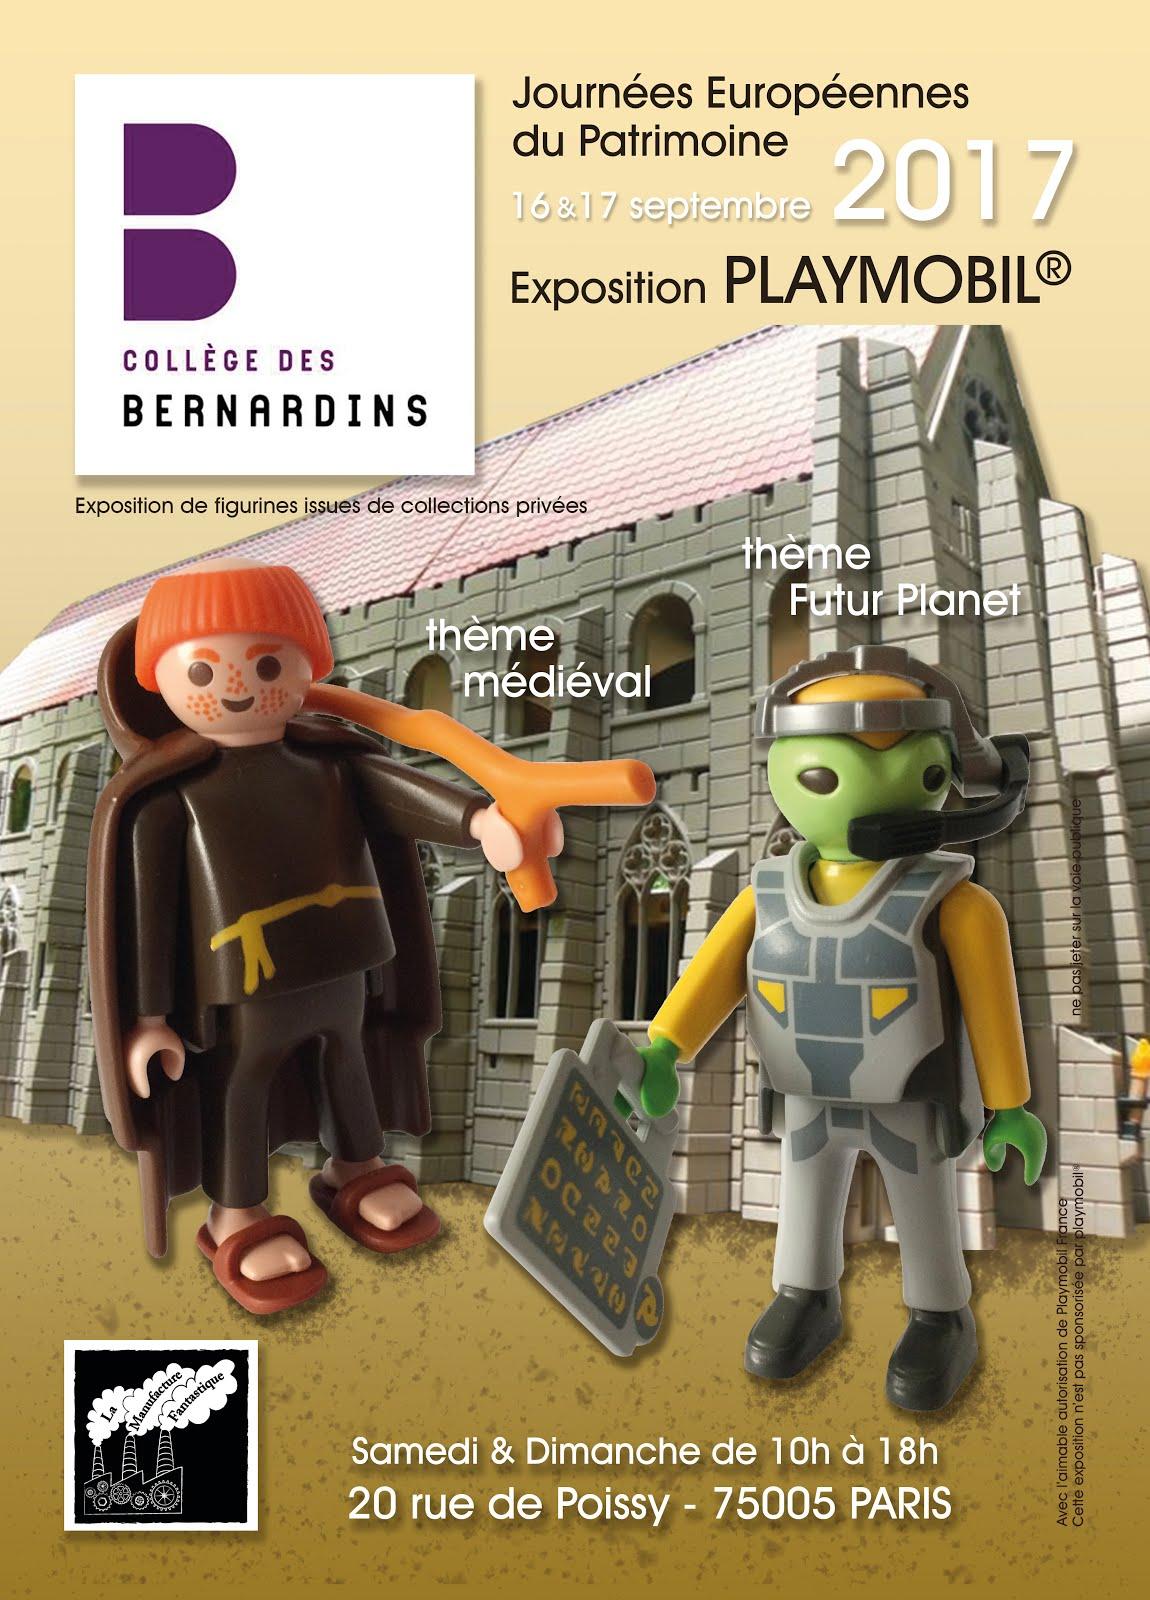 Journées Européennes du Patrimoine, Collège des Bernardins